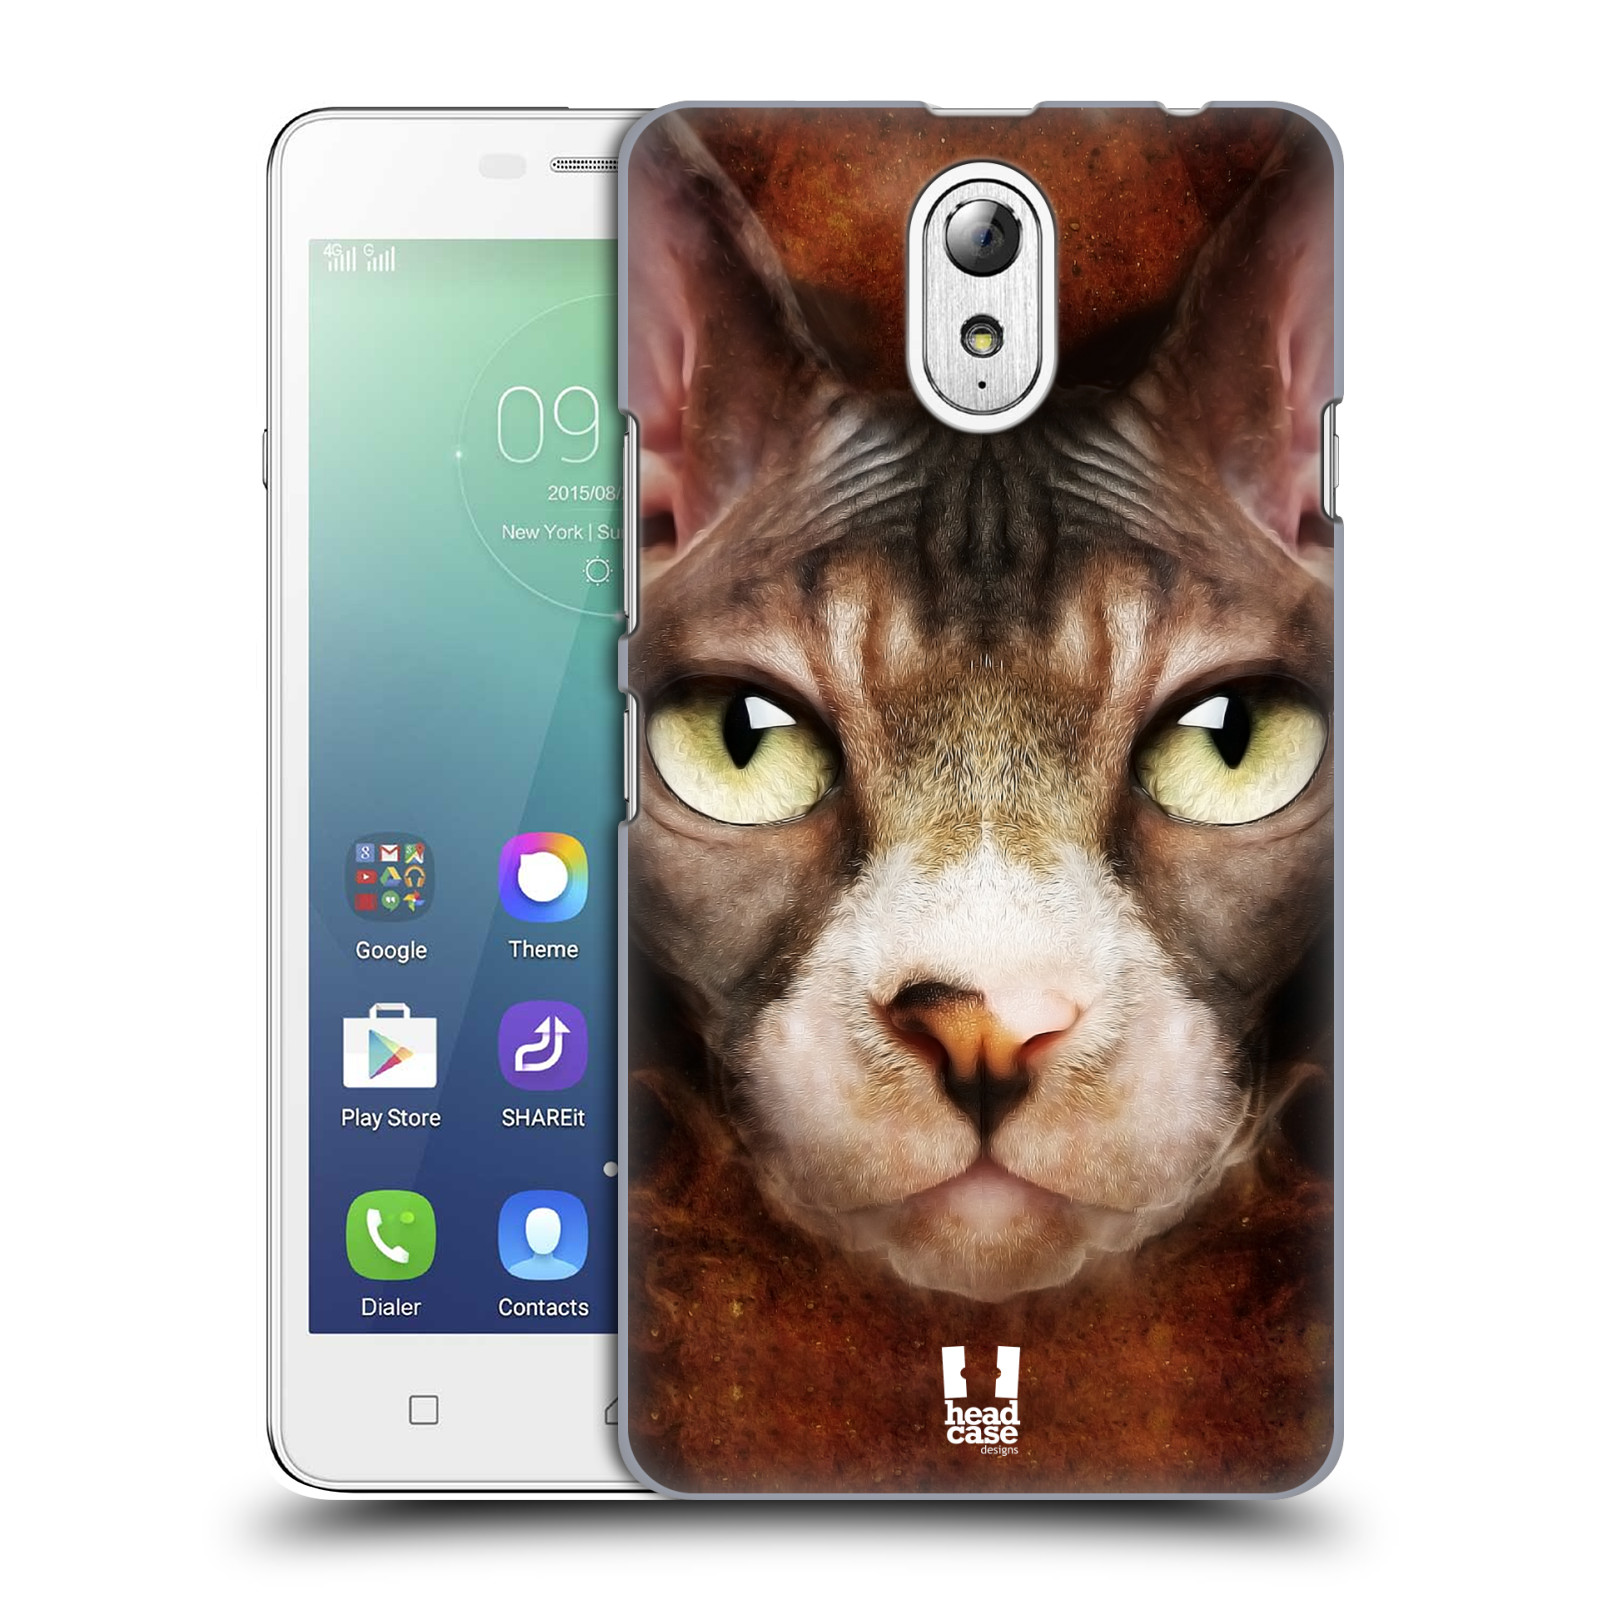 HEAD CASE pevný plastový obal na mobil LENOVO VIBE P1m / LENOVO VIBE p1m DUAL SIM vzor Zvířecí tváře kočka sphynx